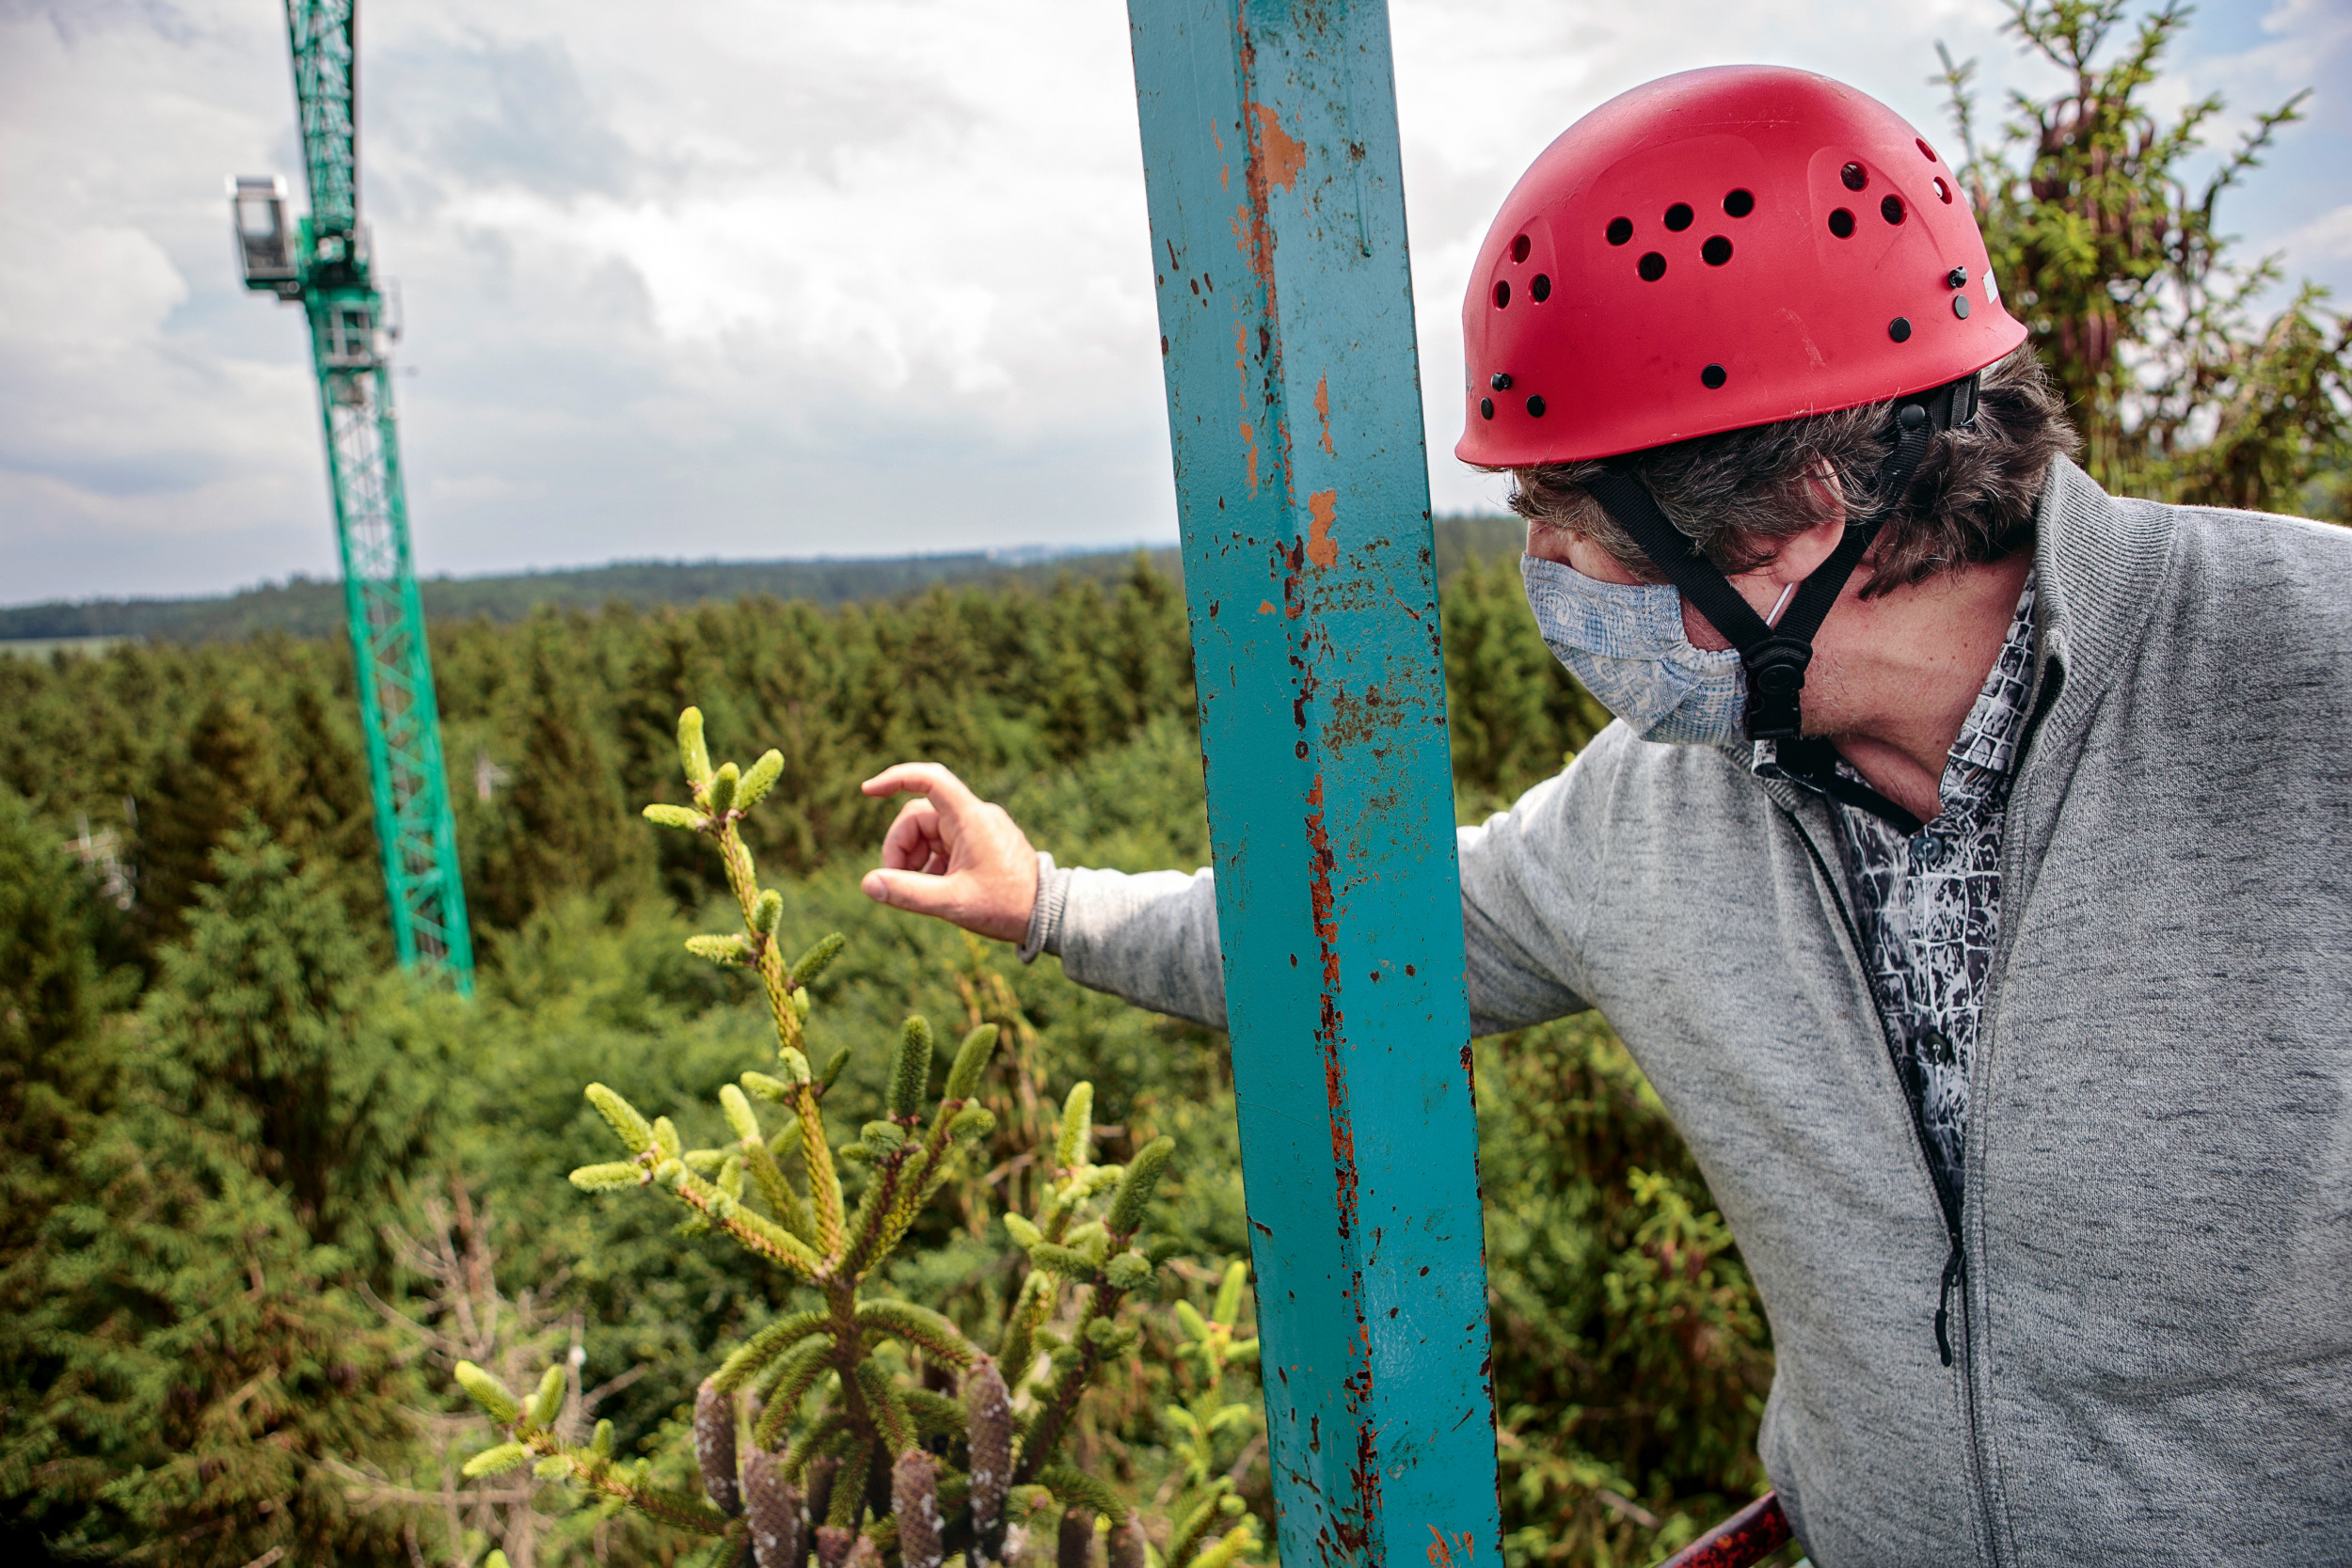 <p>ÜBER ALLEN WIPFELN<br /> Am Wuchs der Jahrestriebe an den Baumspitzen kann Biologe Thorsten Grams die Auswirkungen einer künstlich herbeigeführten Dürre erkennen</p>